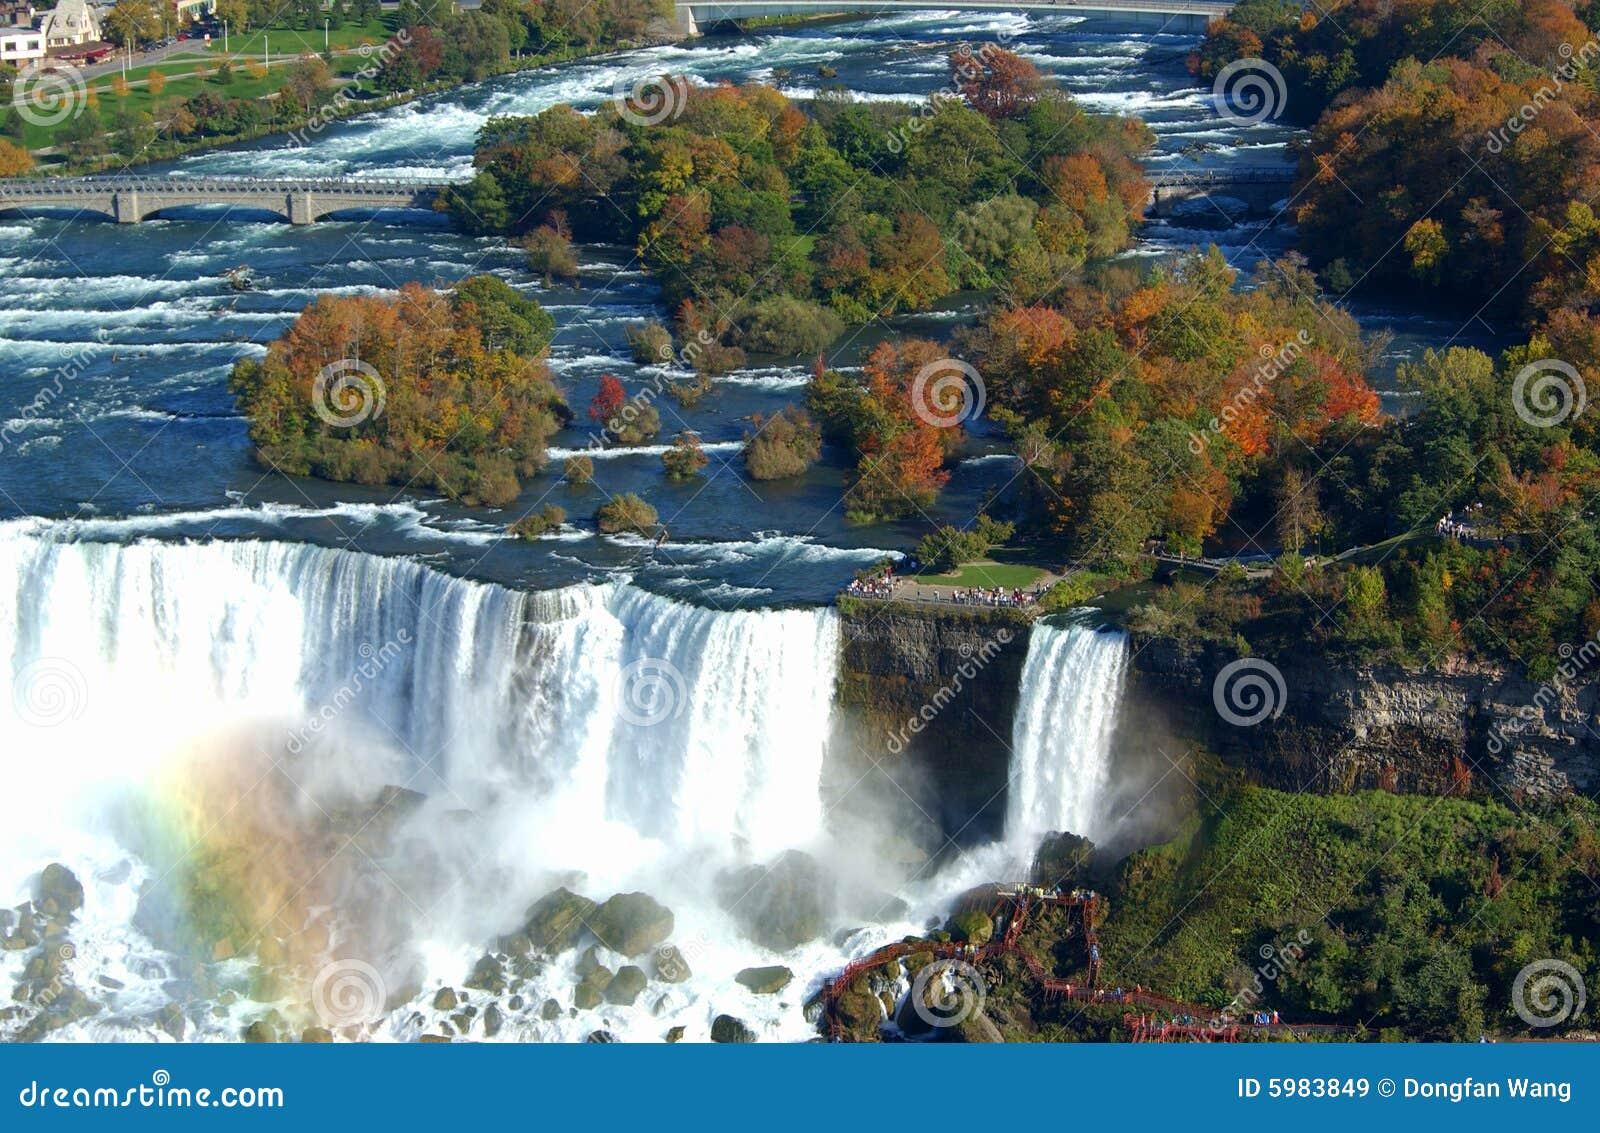 Niagara falls royalty free stock images image 5983849 for Niagara falls coloring page